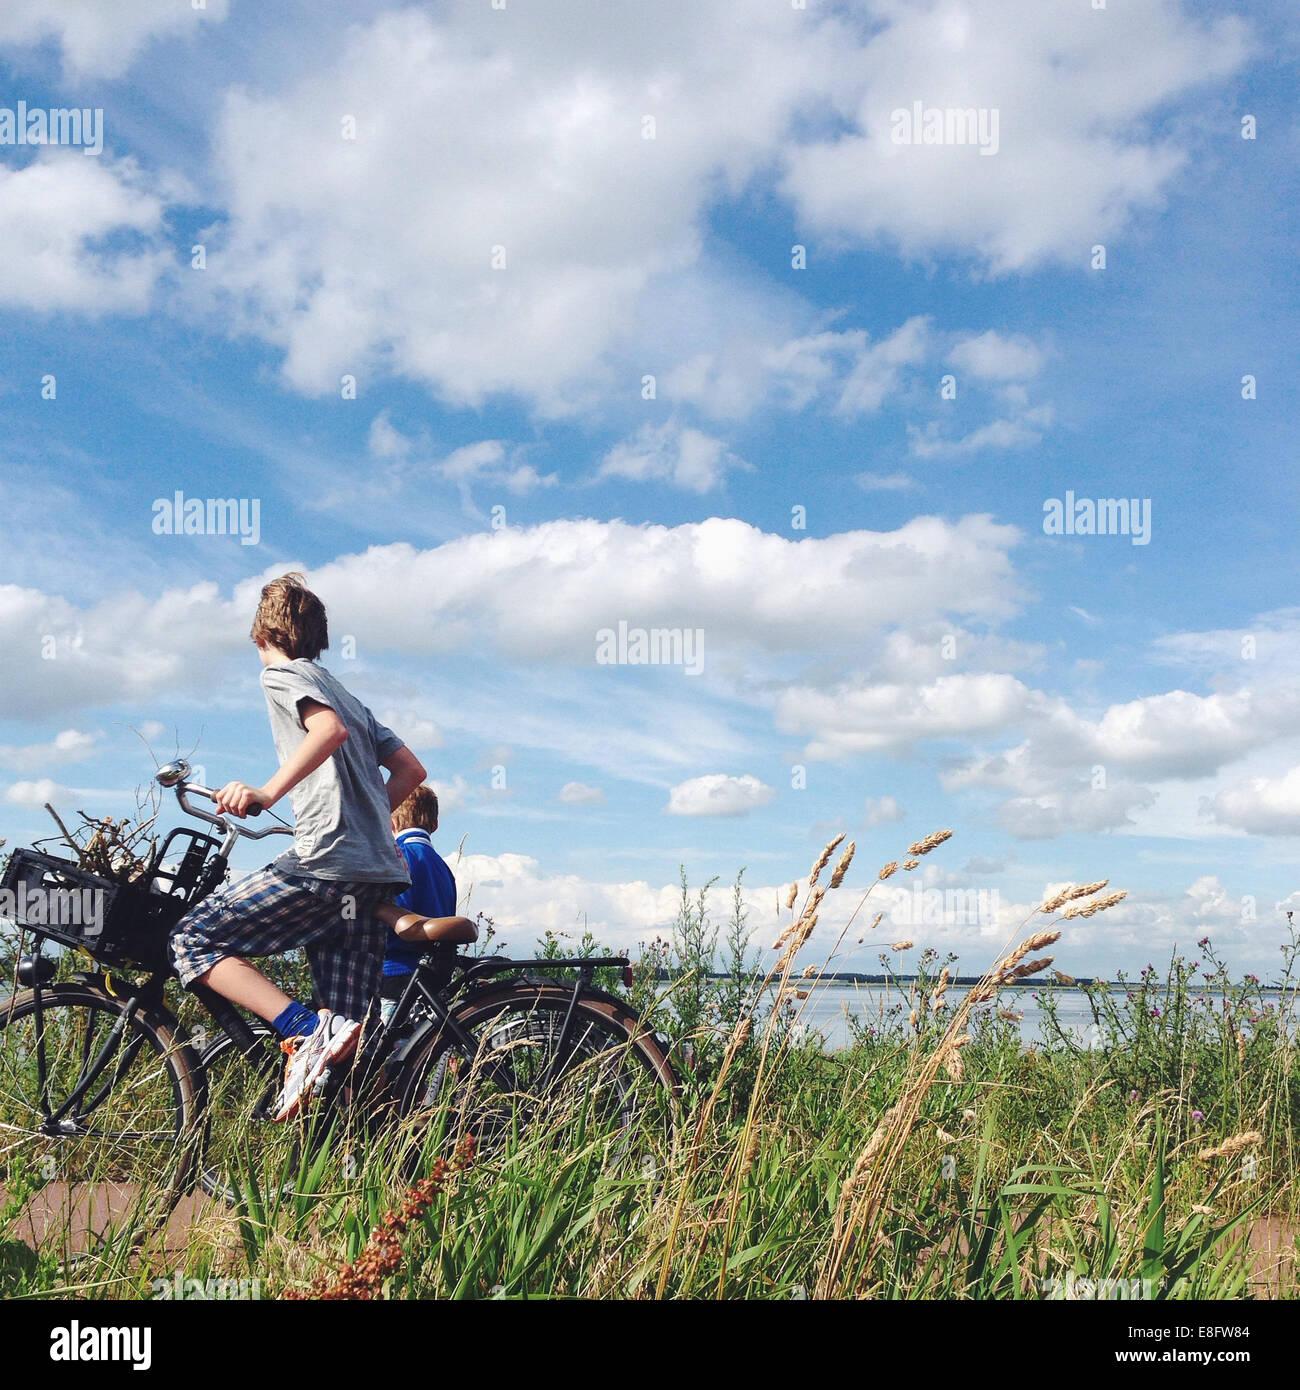 Paesi Bassi, due ragazzi (10-11) bike vicino al mare Immagini Stock